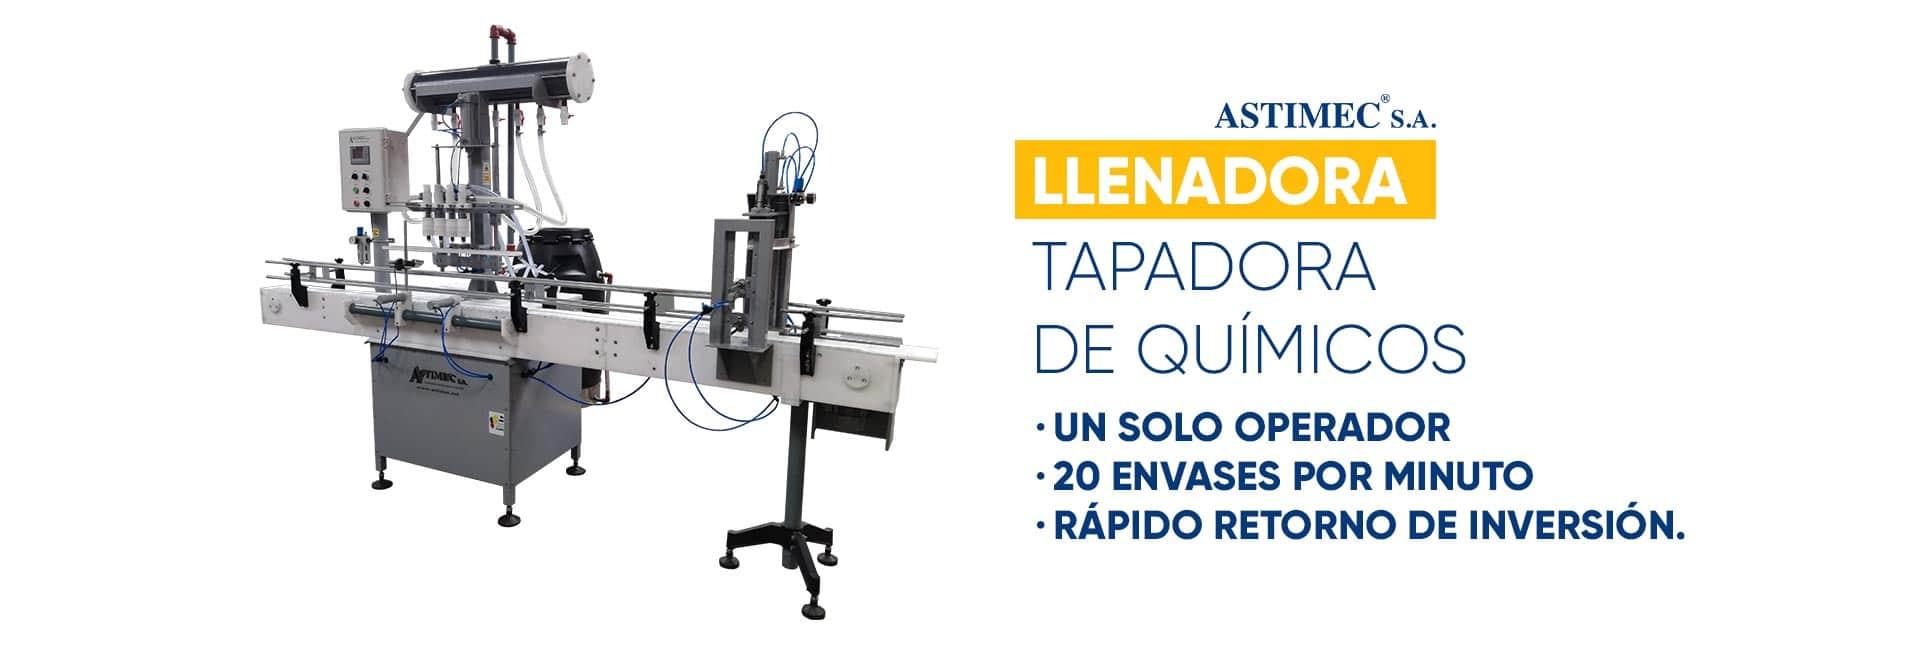 Llenadora Tapadora para Químicos ASTIMEC